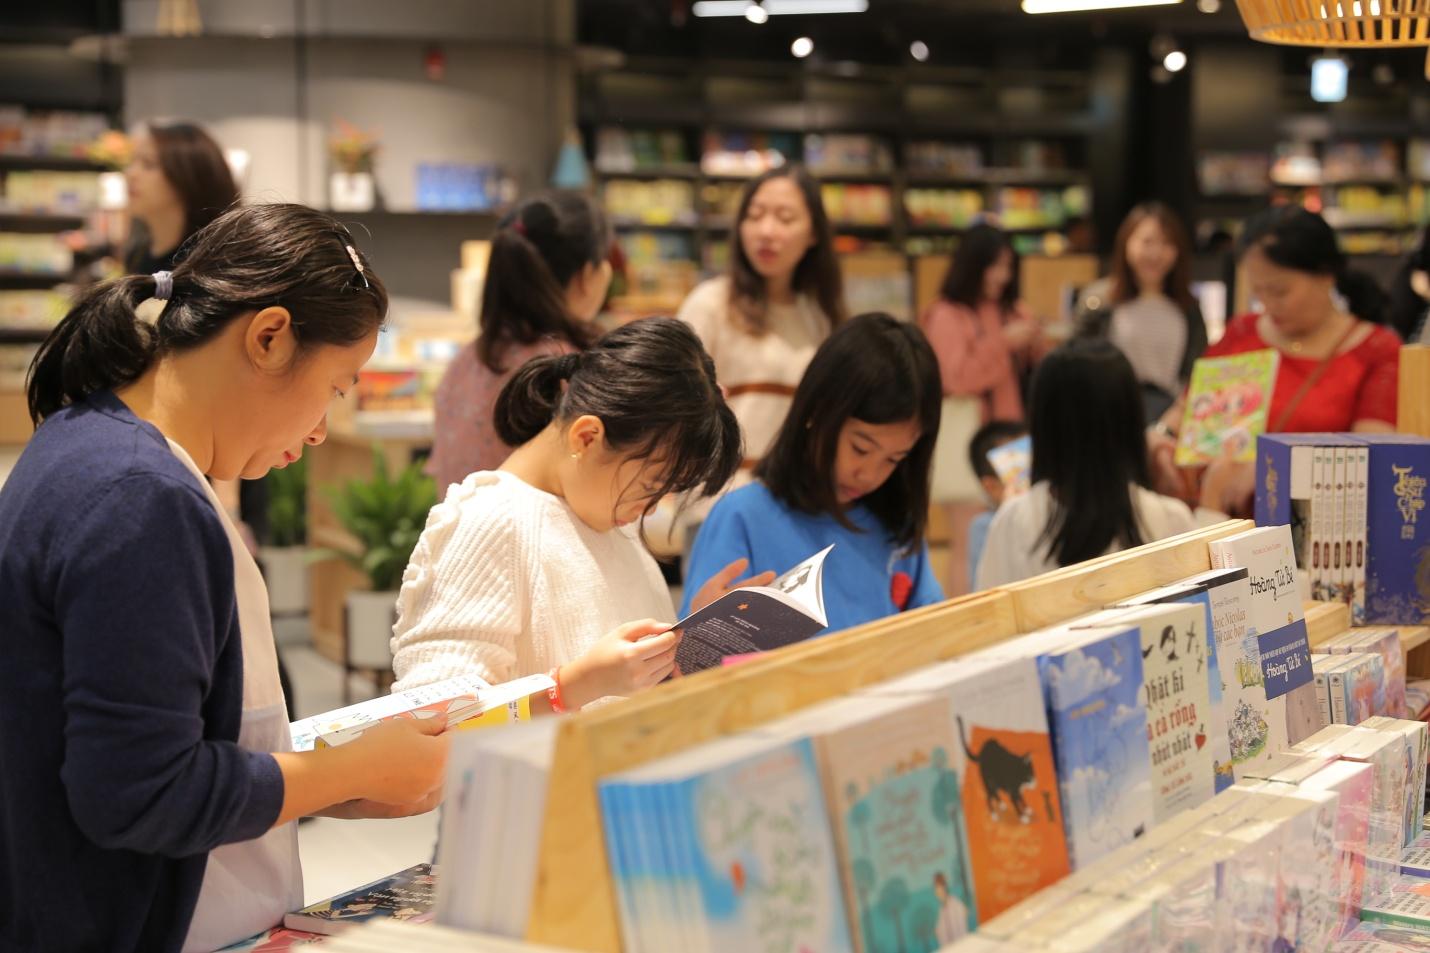 Thiên đường sách mới tại Hà Nội dành cho các bạn trẻ - Ảnh 3.